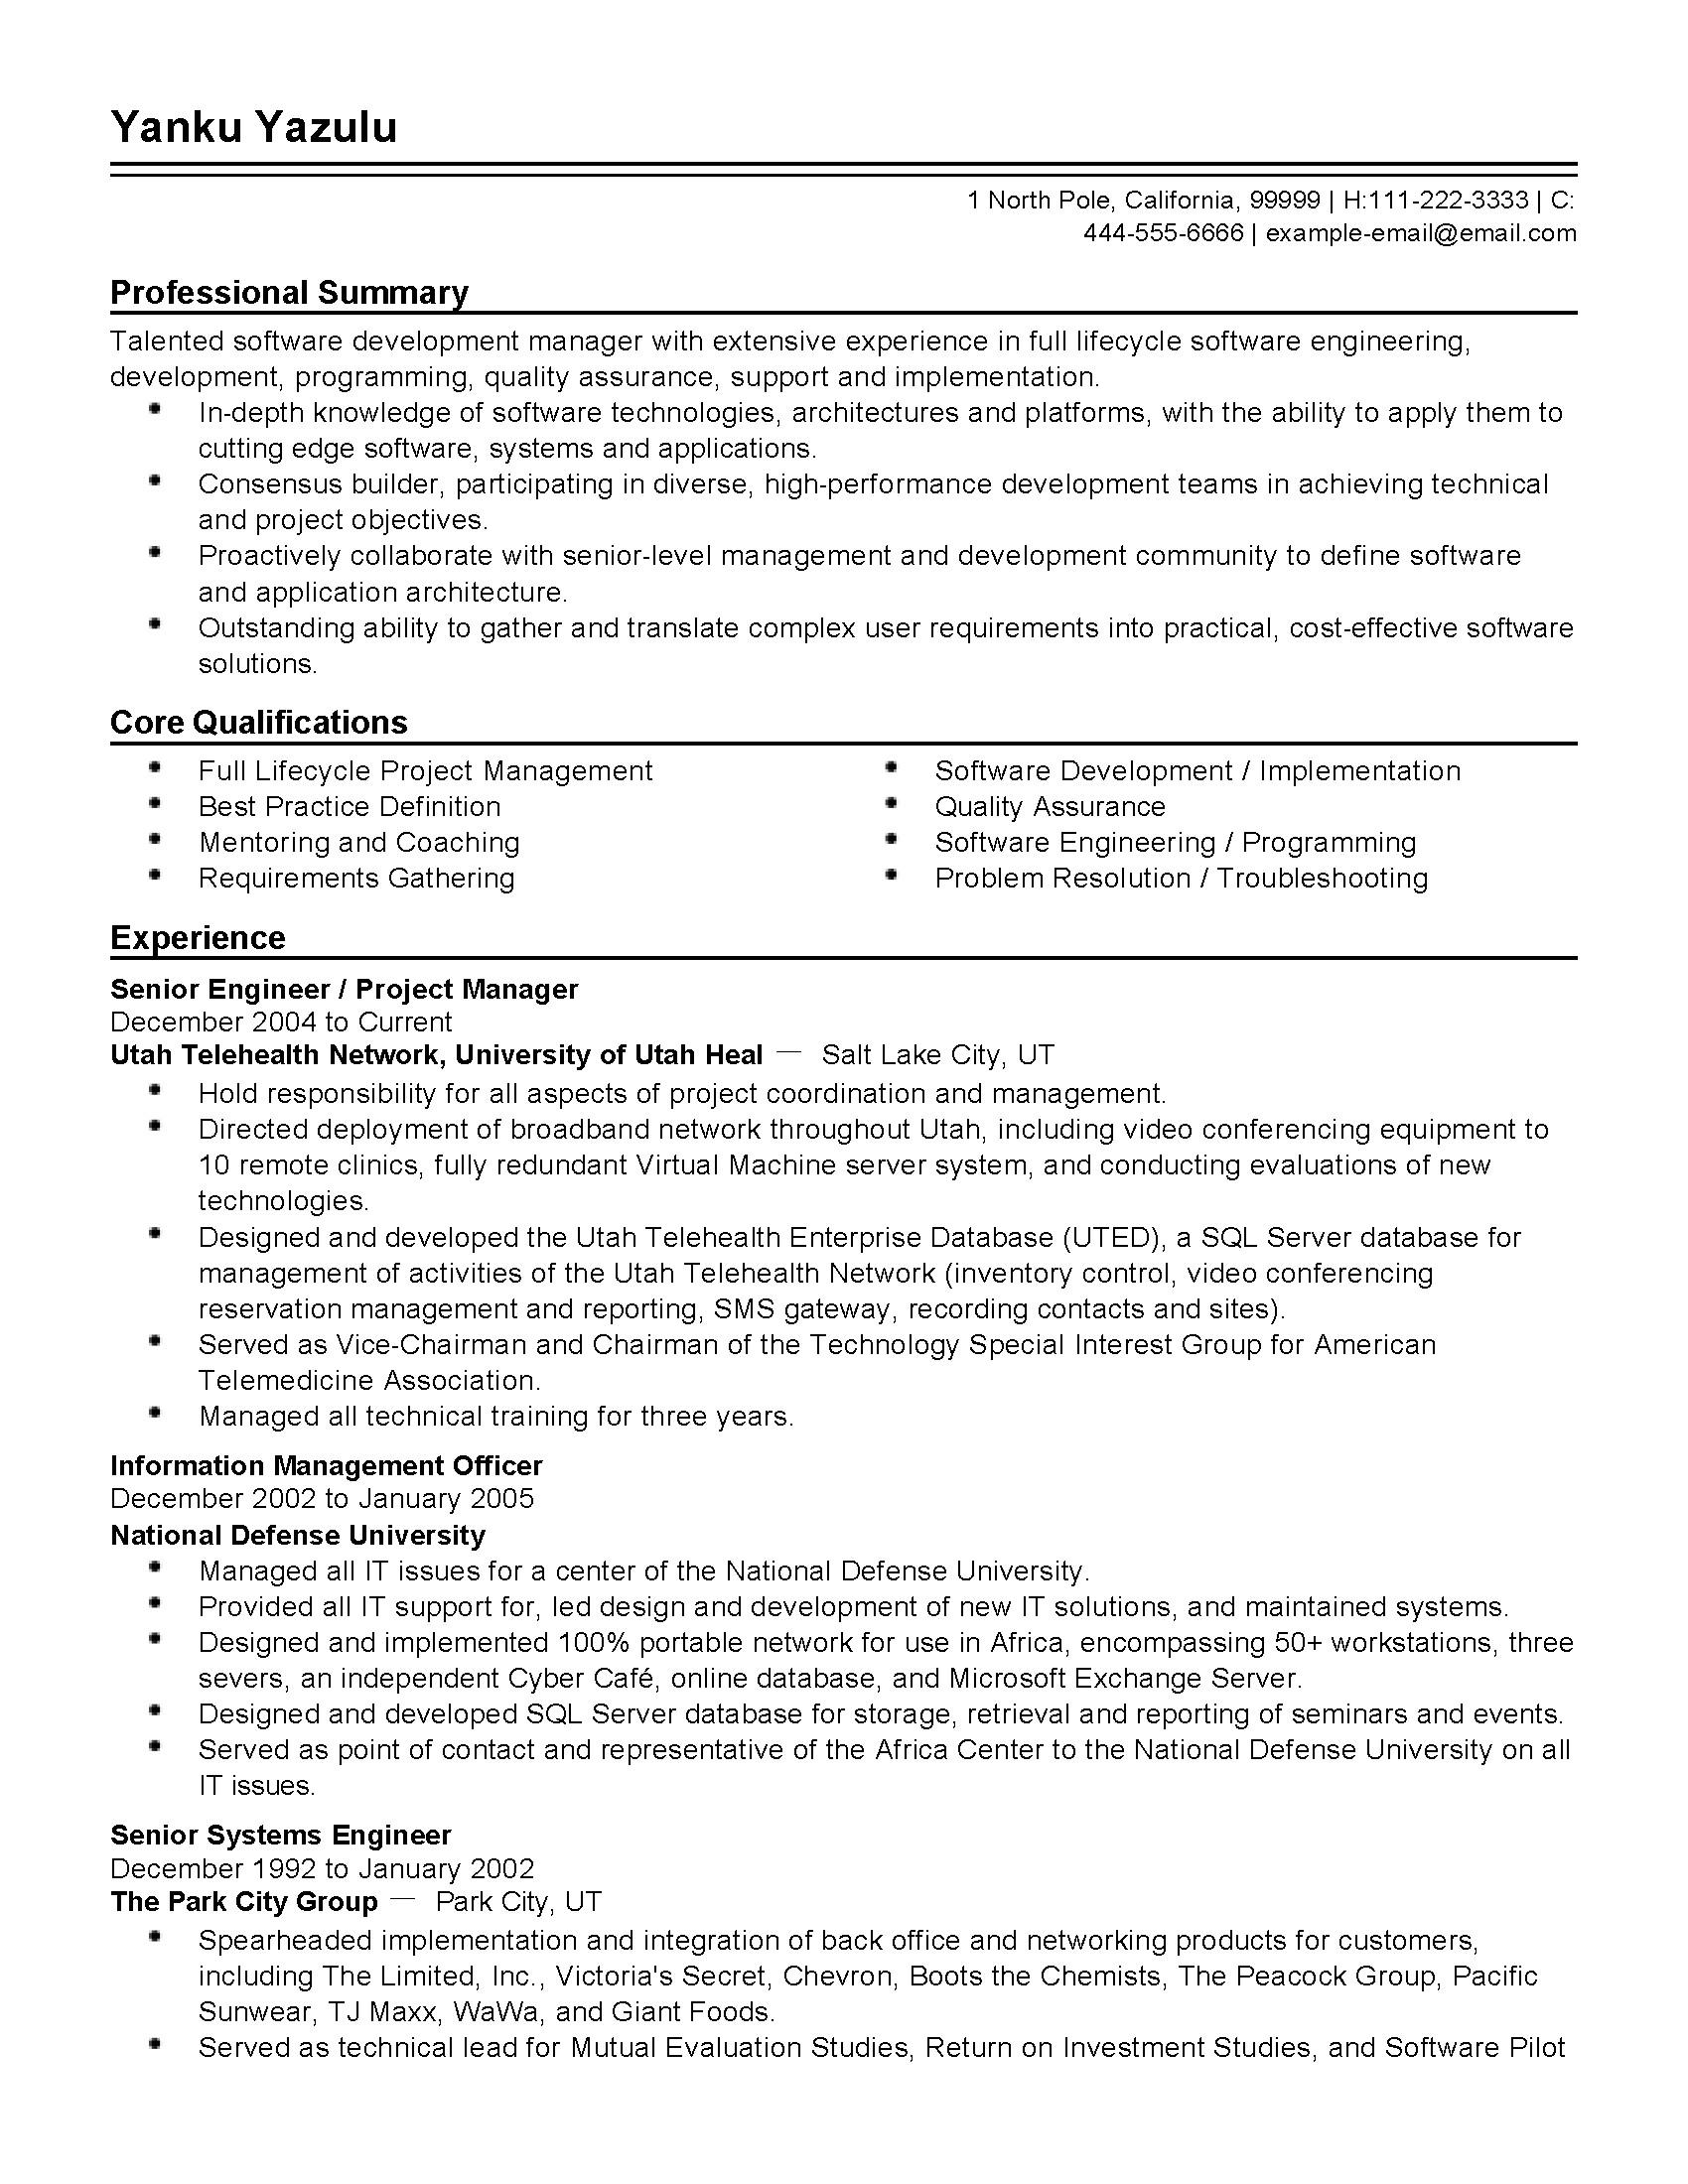 victoria secret resume